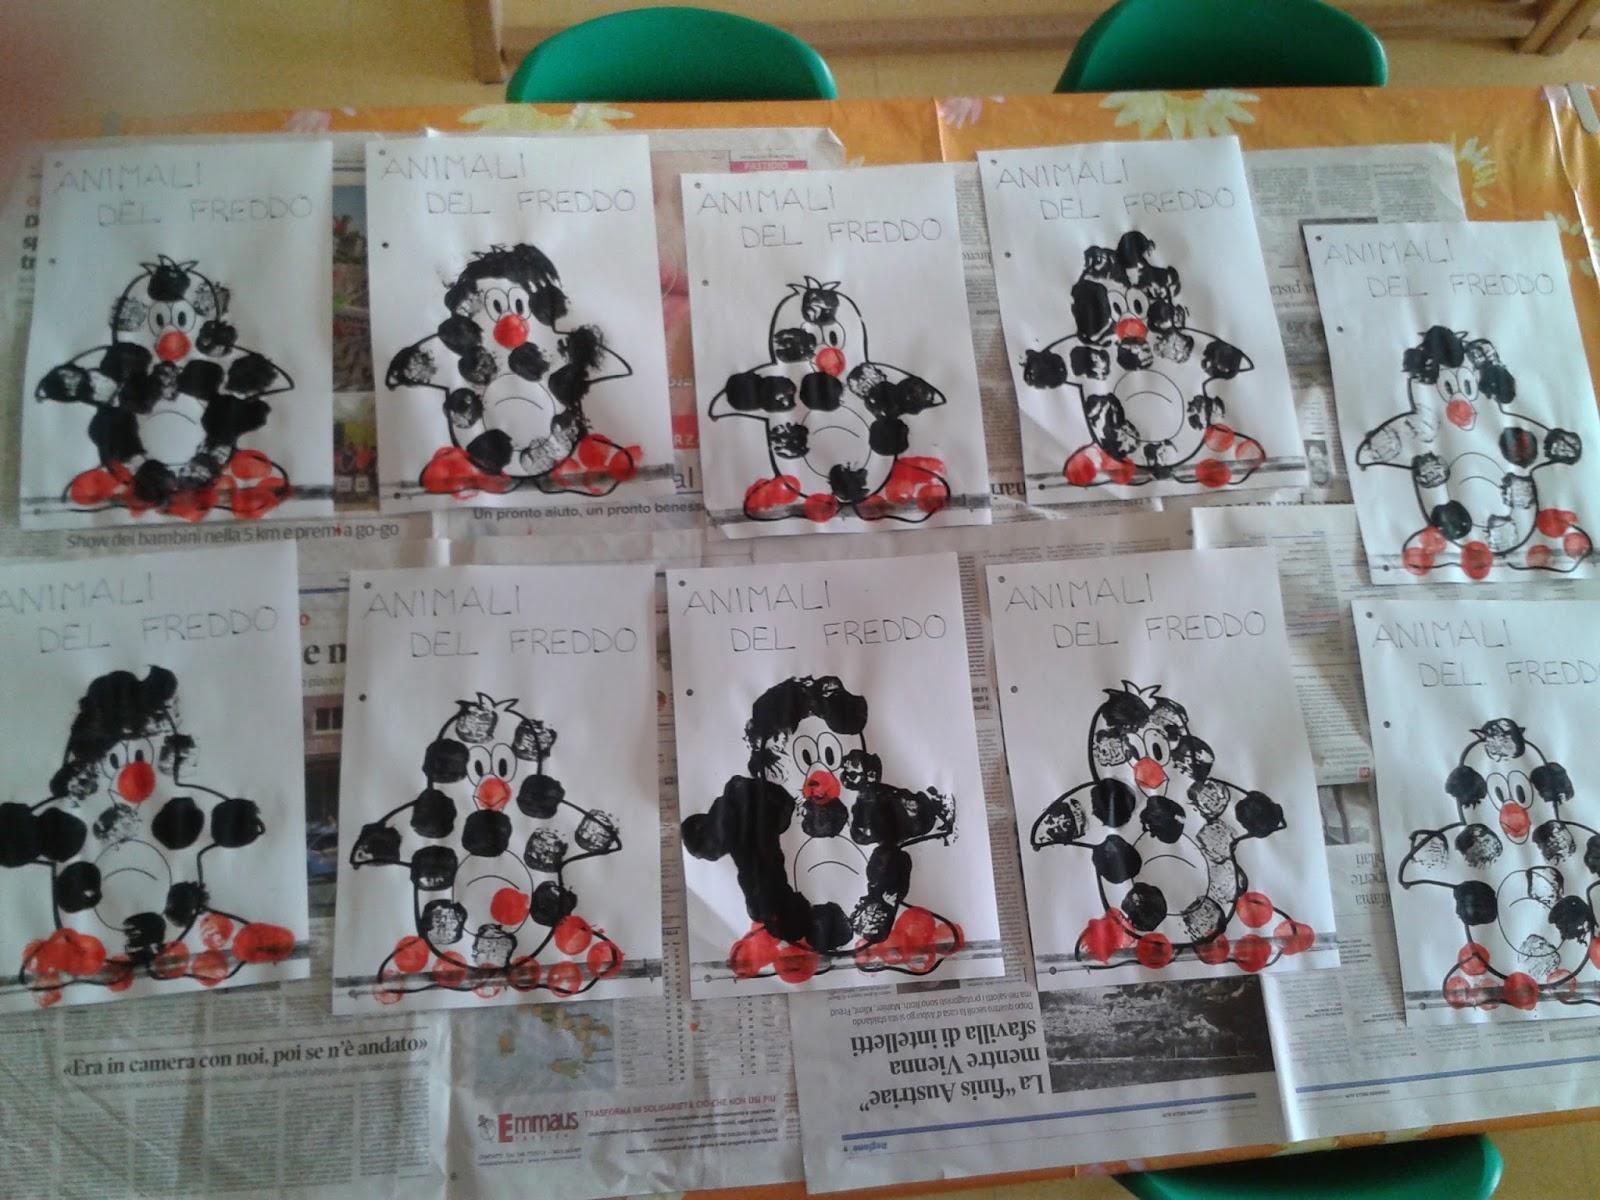 Scuola Materna Don Bosco Belluno Inverno Gli Animali Del Freddo